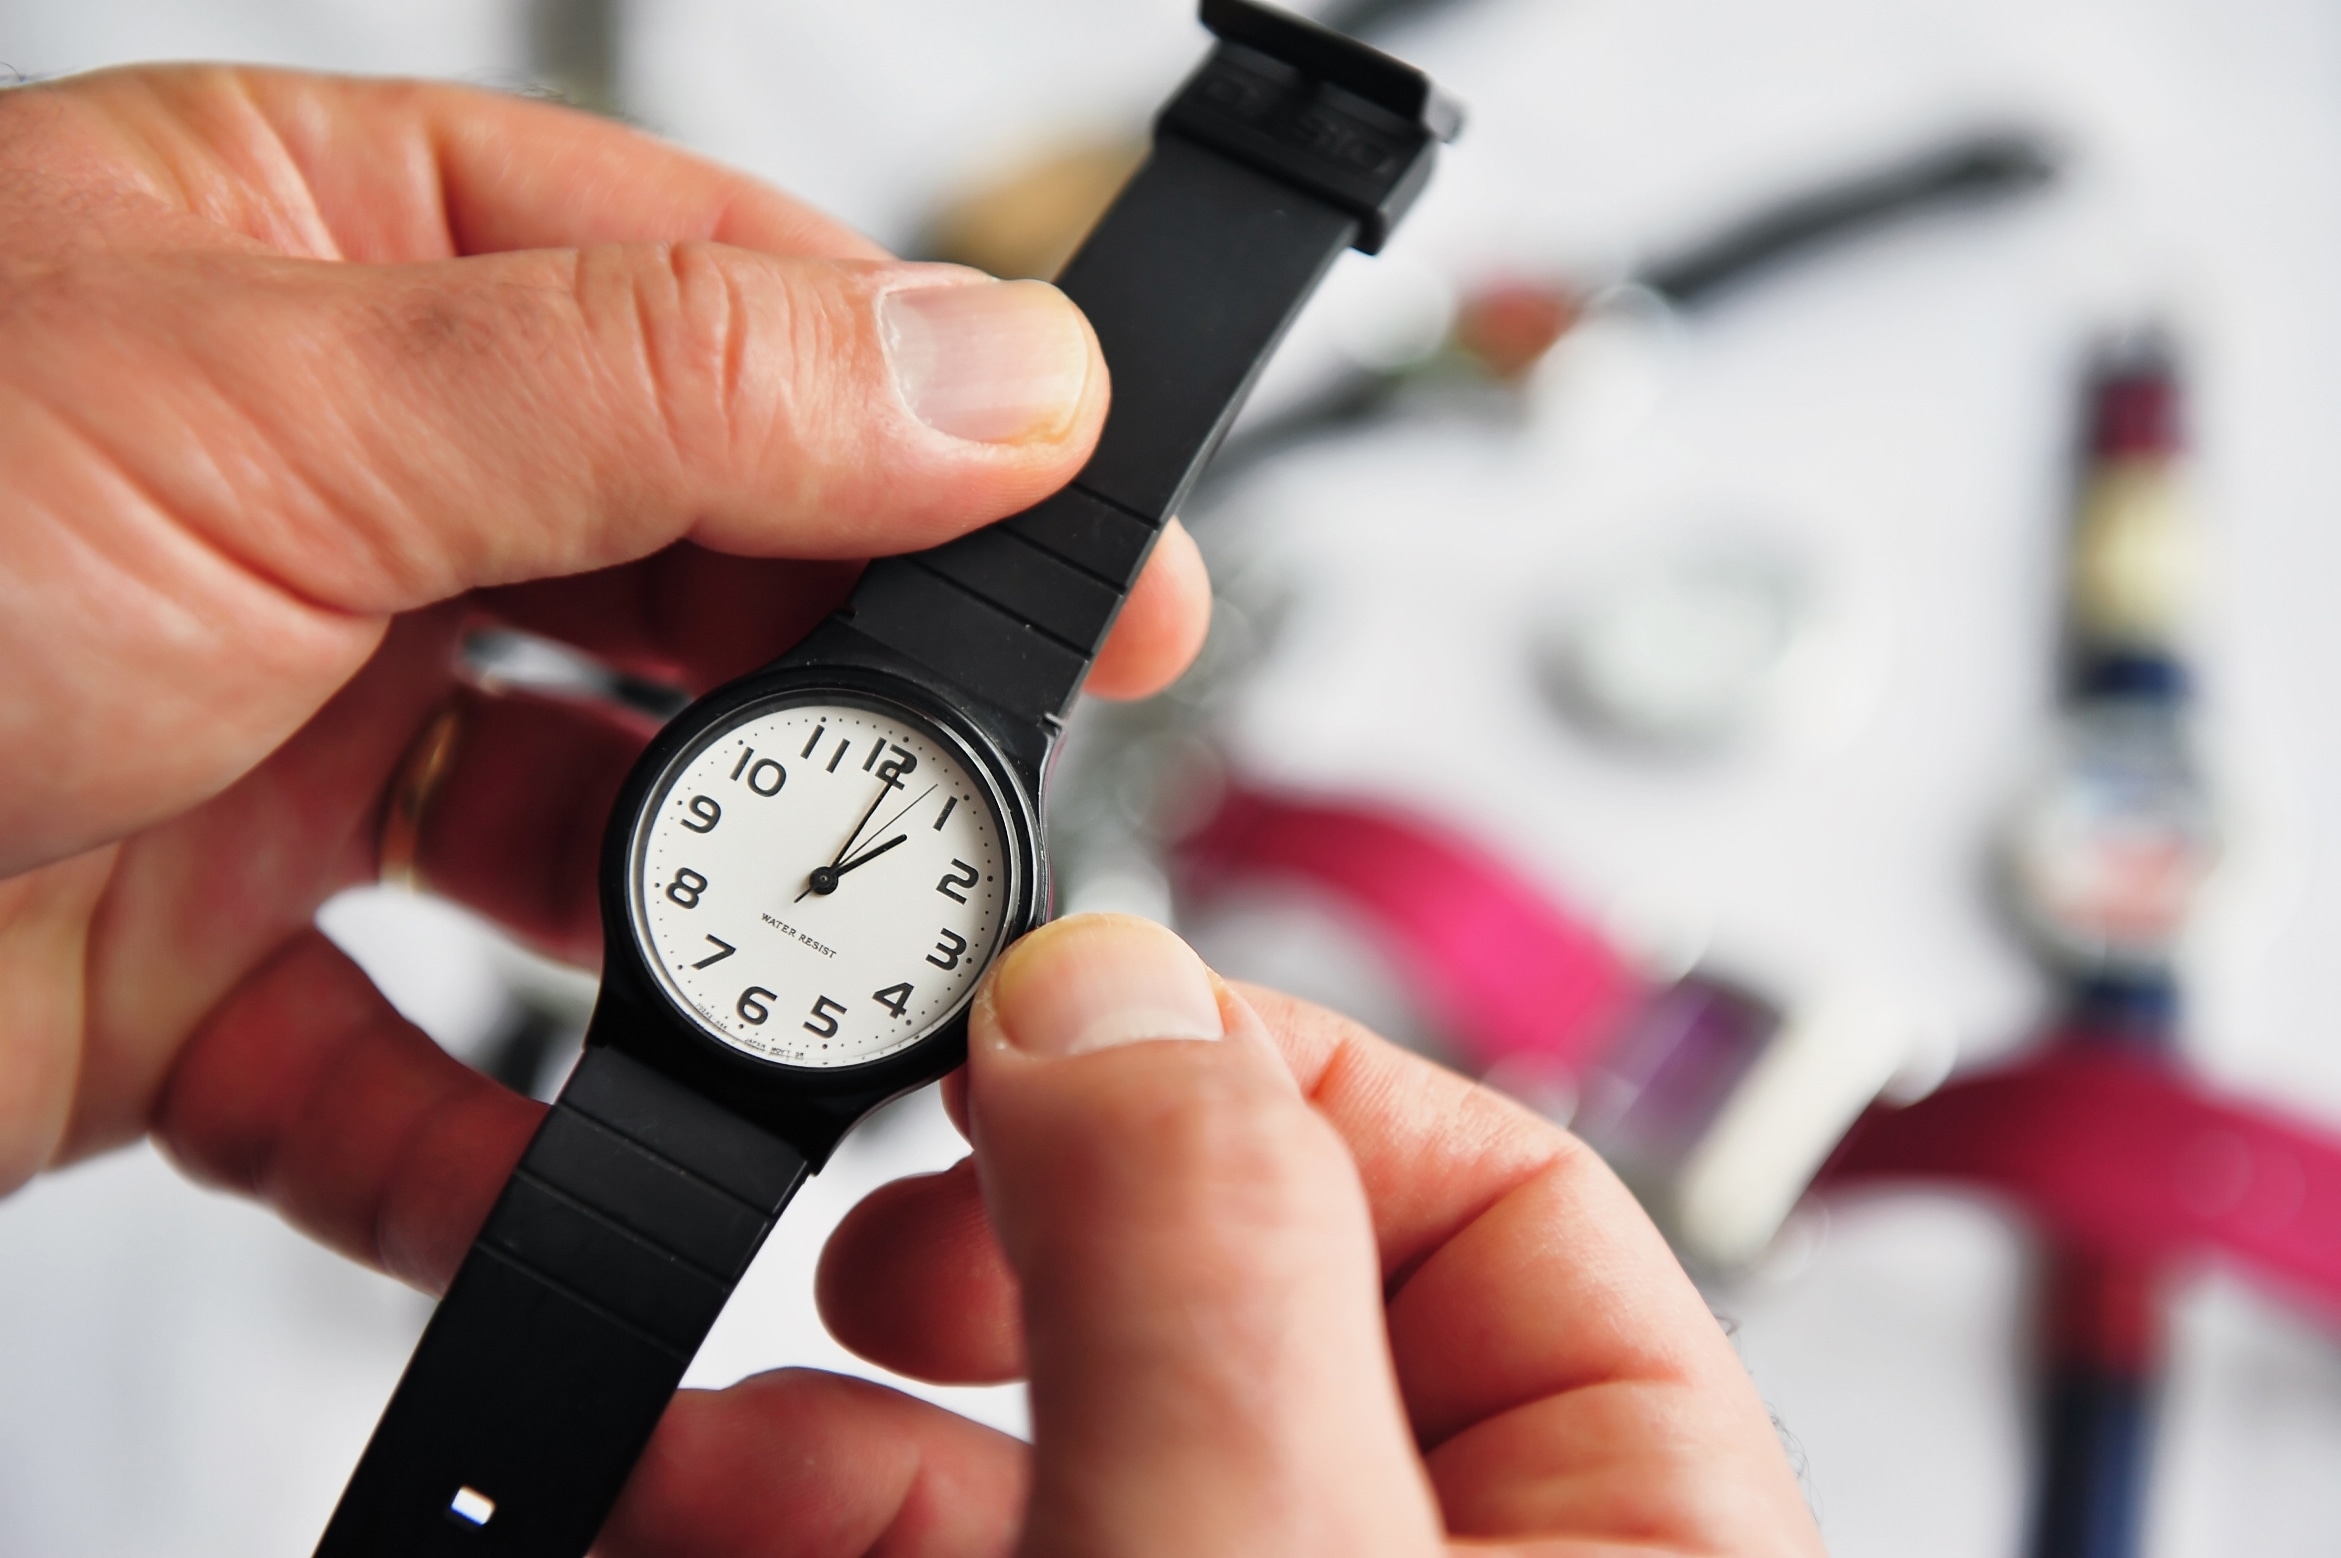 Cansancio o insomnio son algunos de los efectos del cambio de horario.